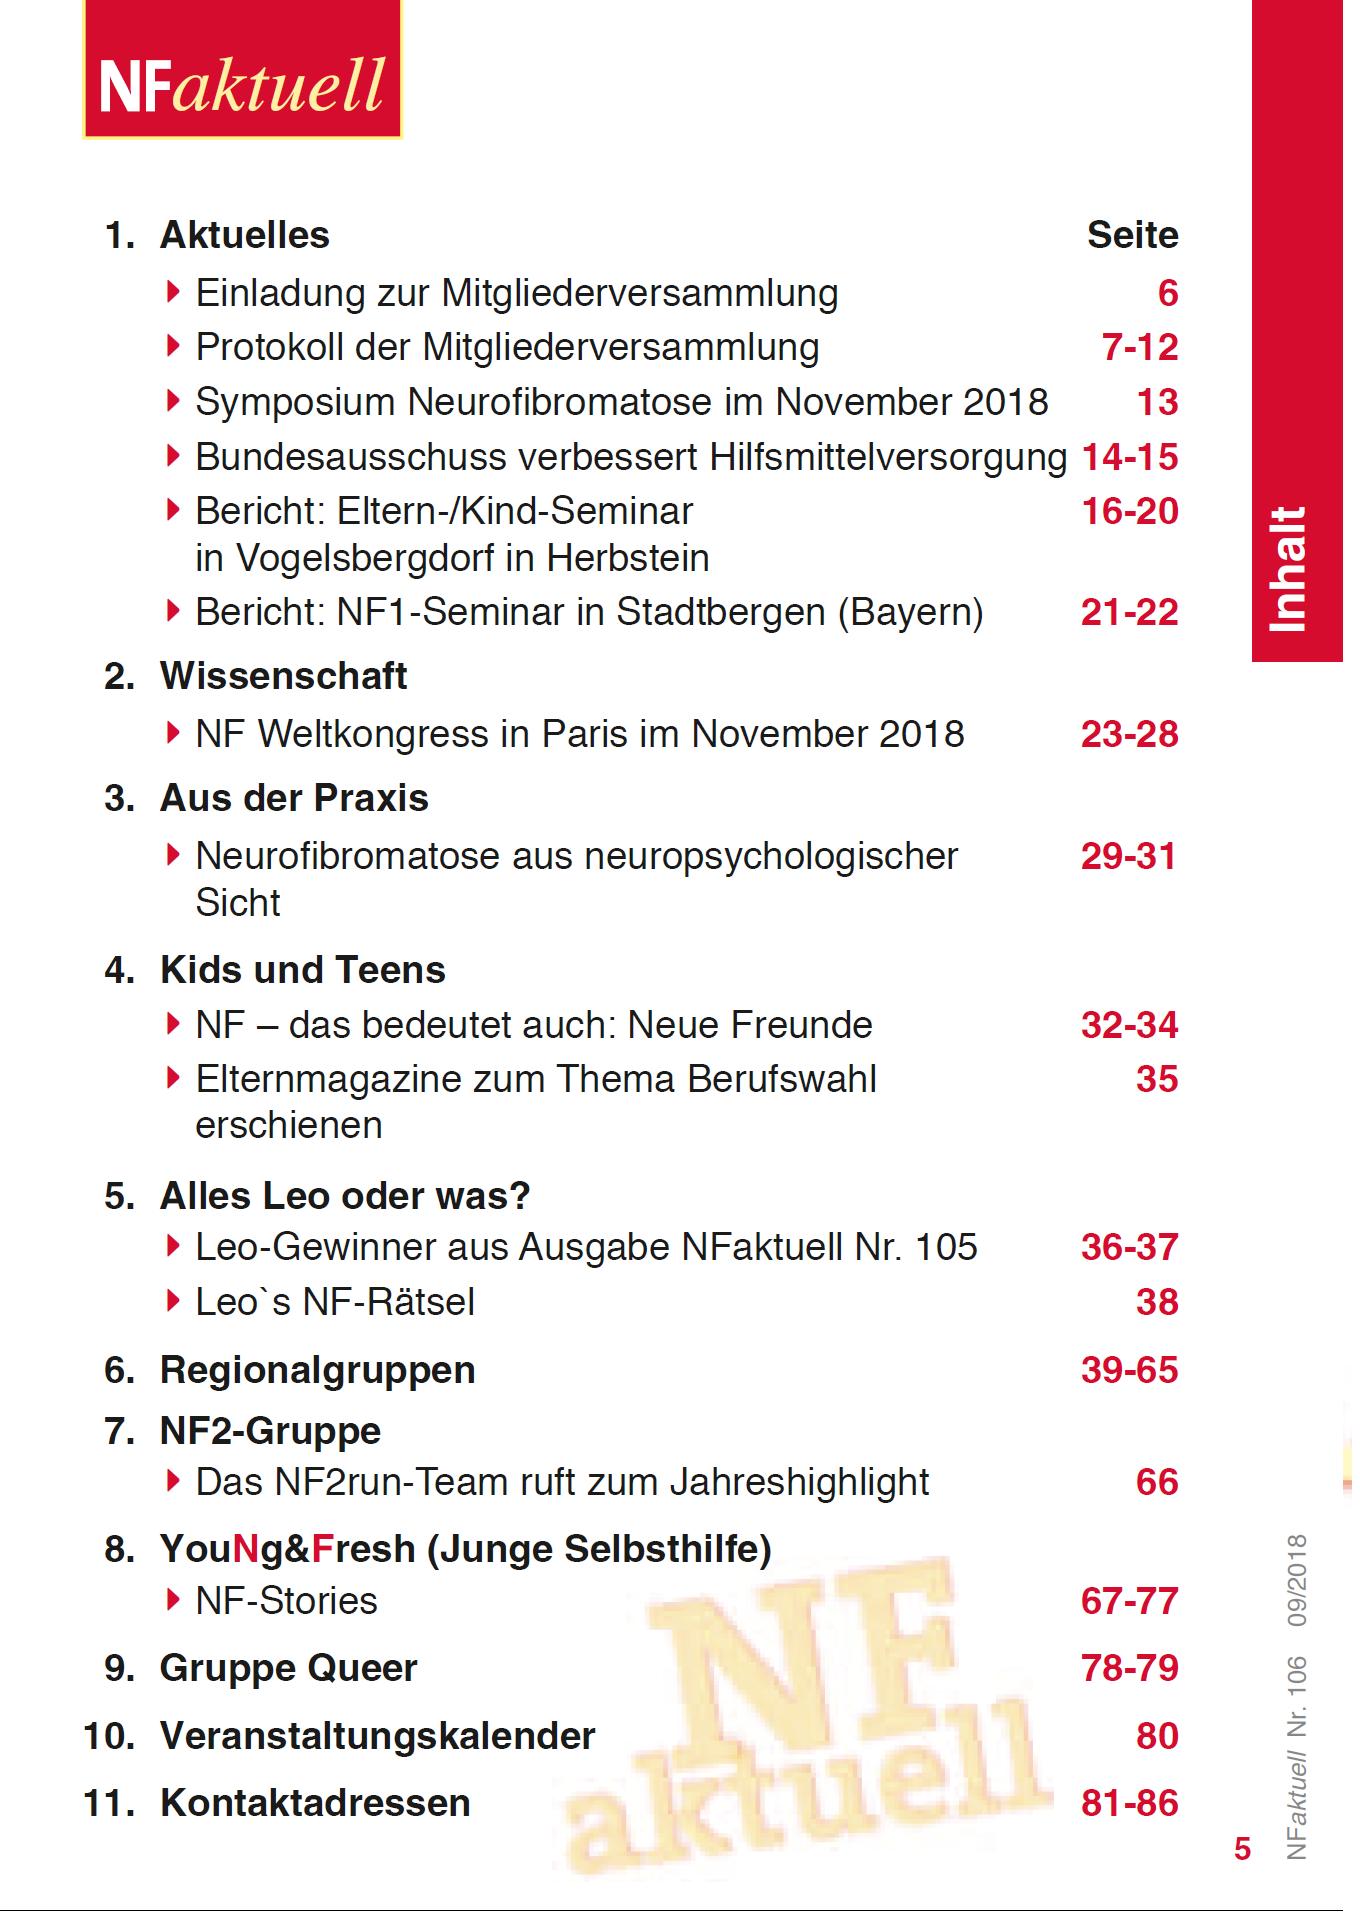 NFaktuell-106-September-2018 Bundesverband Neurofibromatose Mitgliederzeitschrift